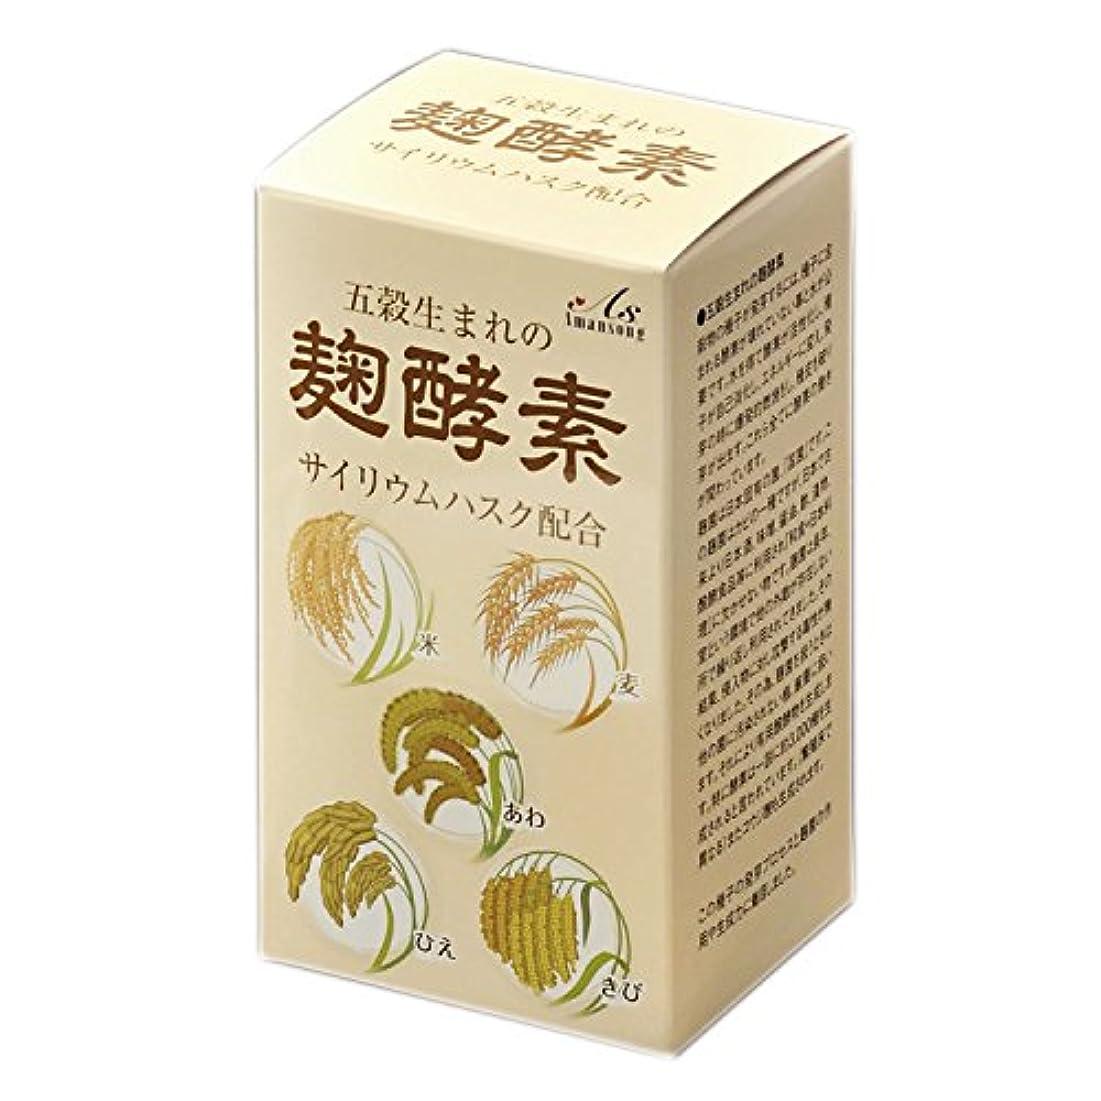 A?S 五穀生まれの麹酵素 ヨーグルト風味で、活きた酵素を手軽に摂取 30包入り